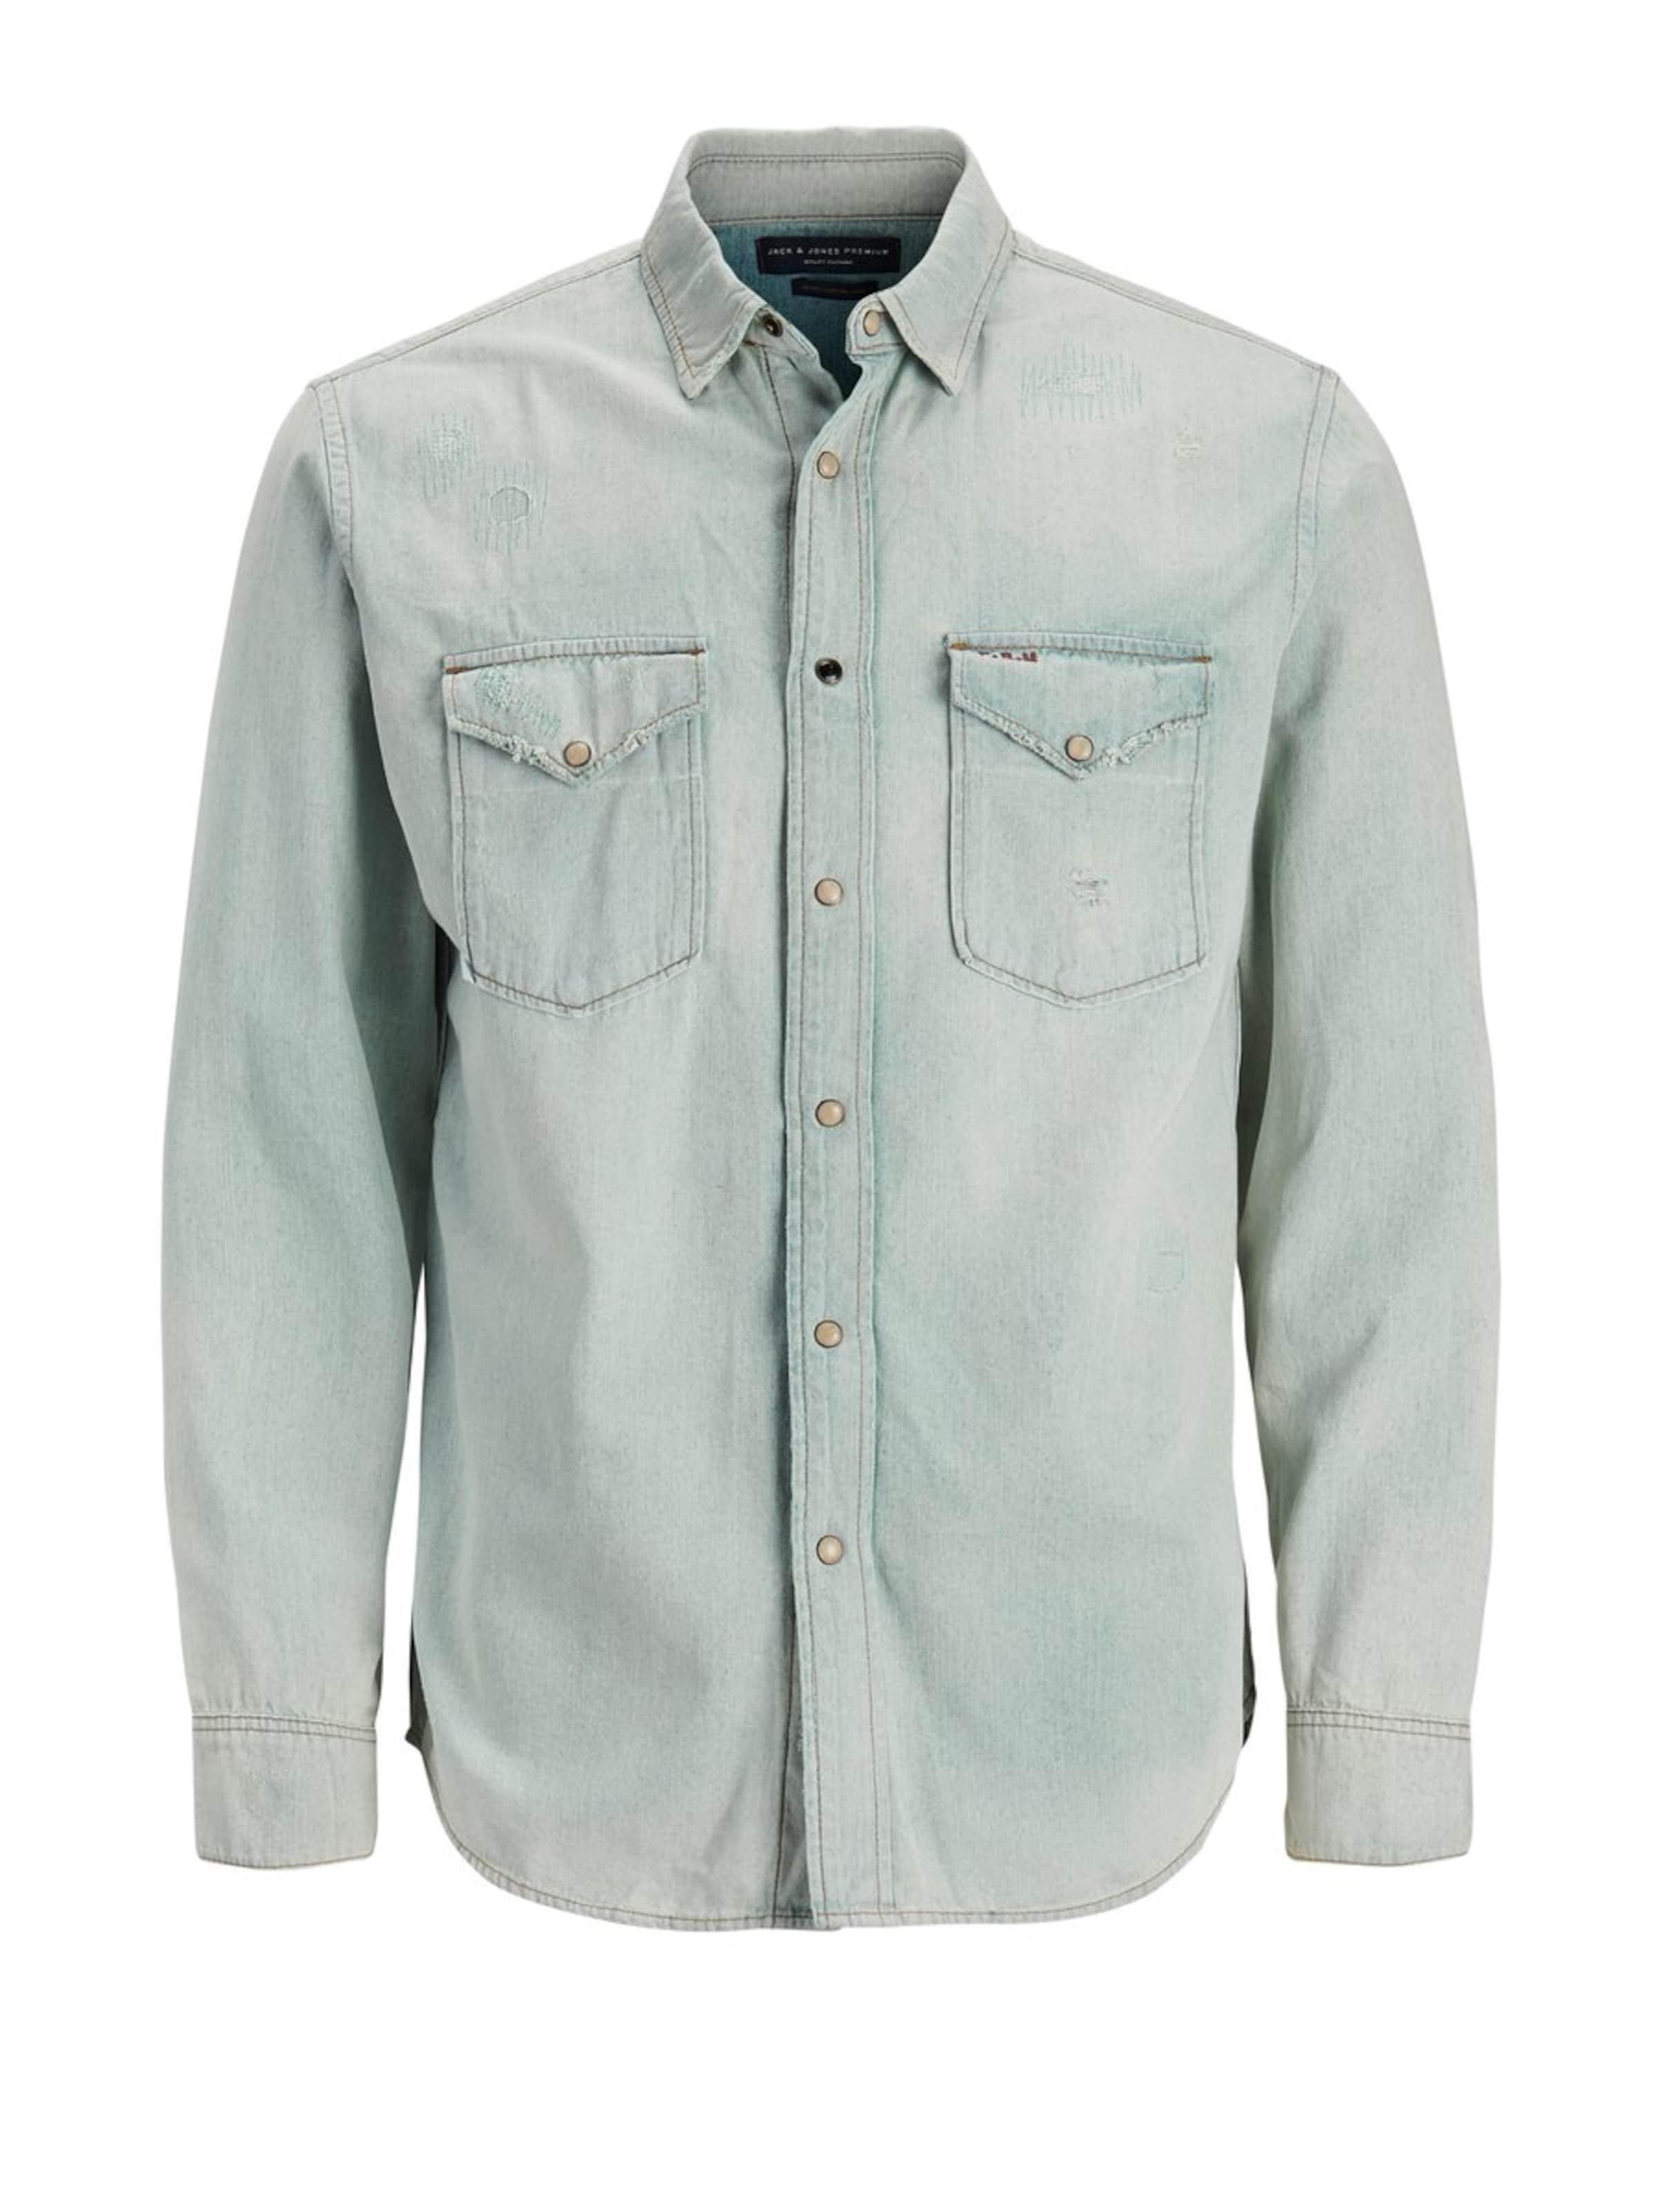 Jackamp; Pastellgrün Westernstyle Jeanshemd Jones In 9WHYbEeDI2